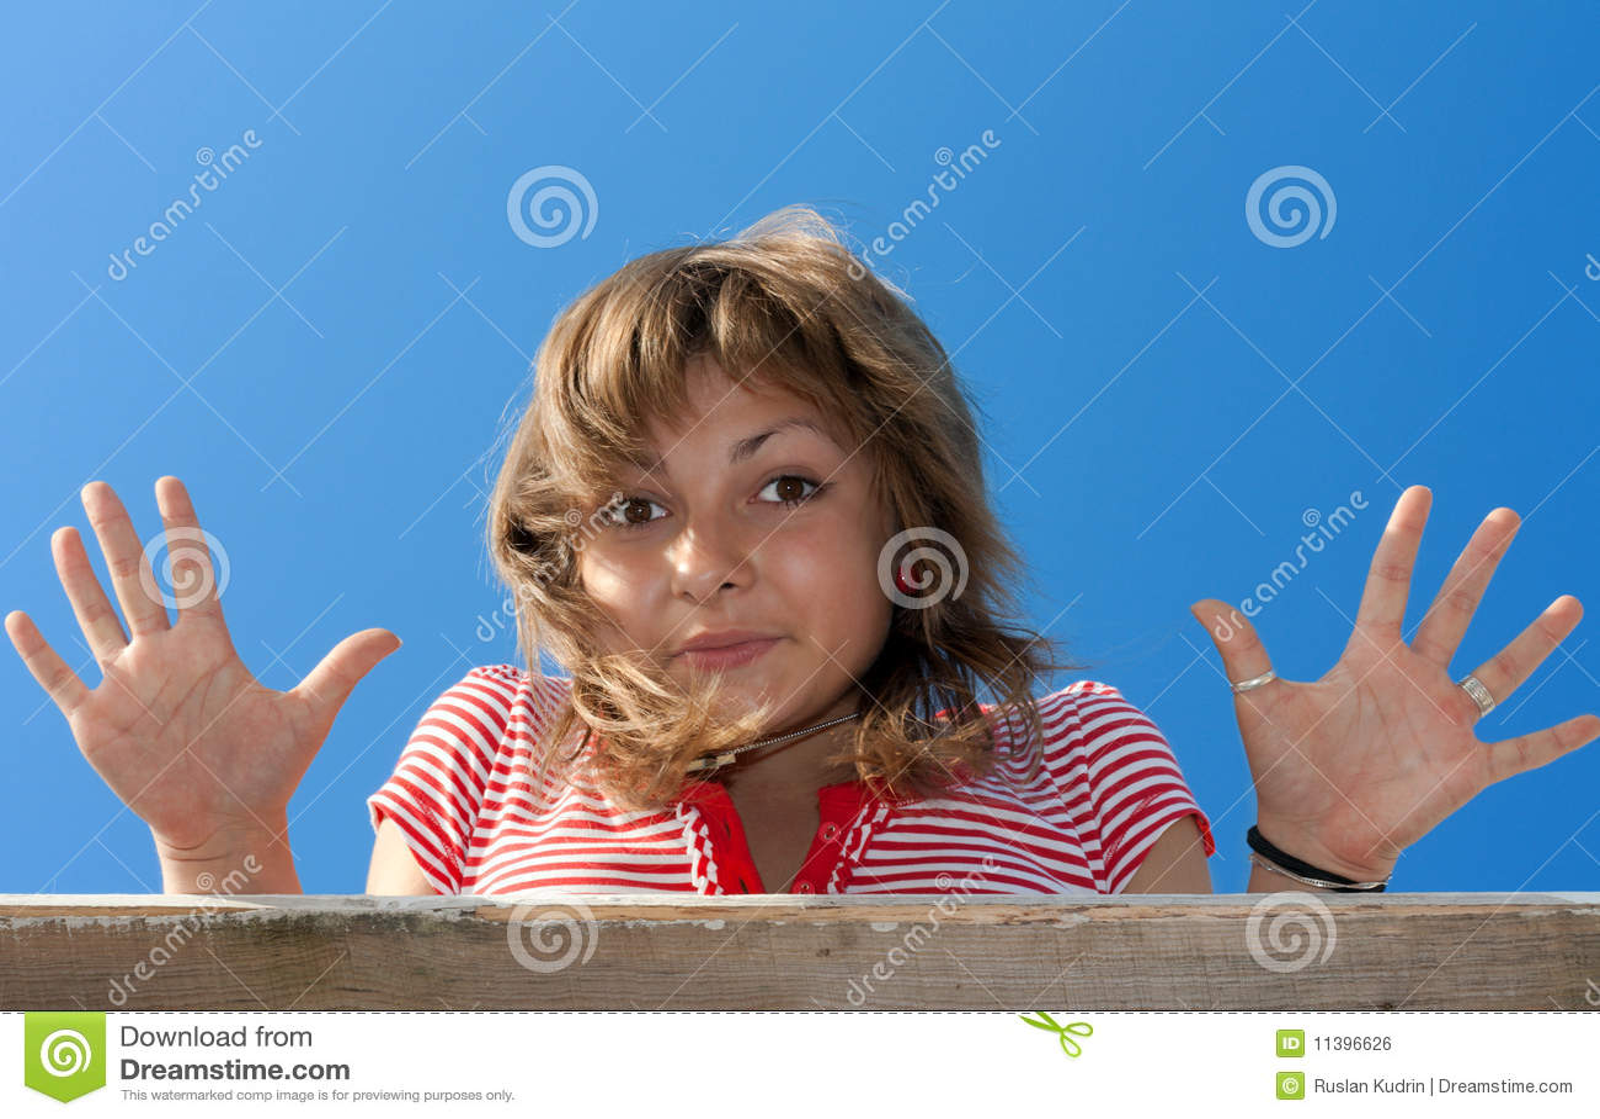 Девка показывает рабочее очко фото 757-67